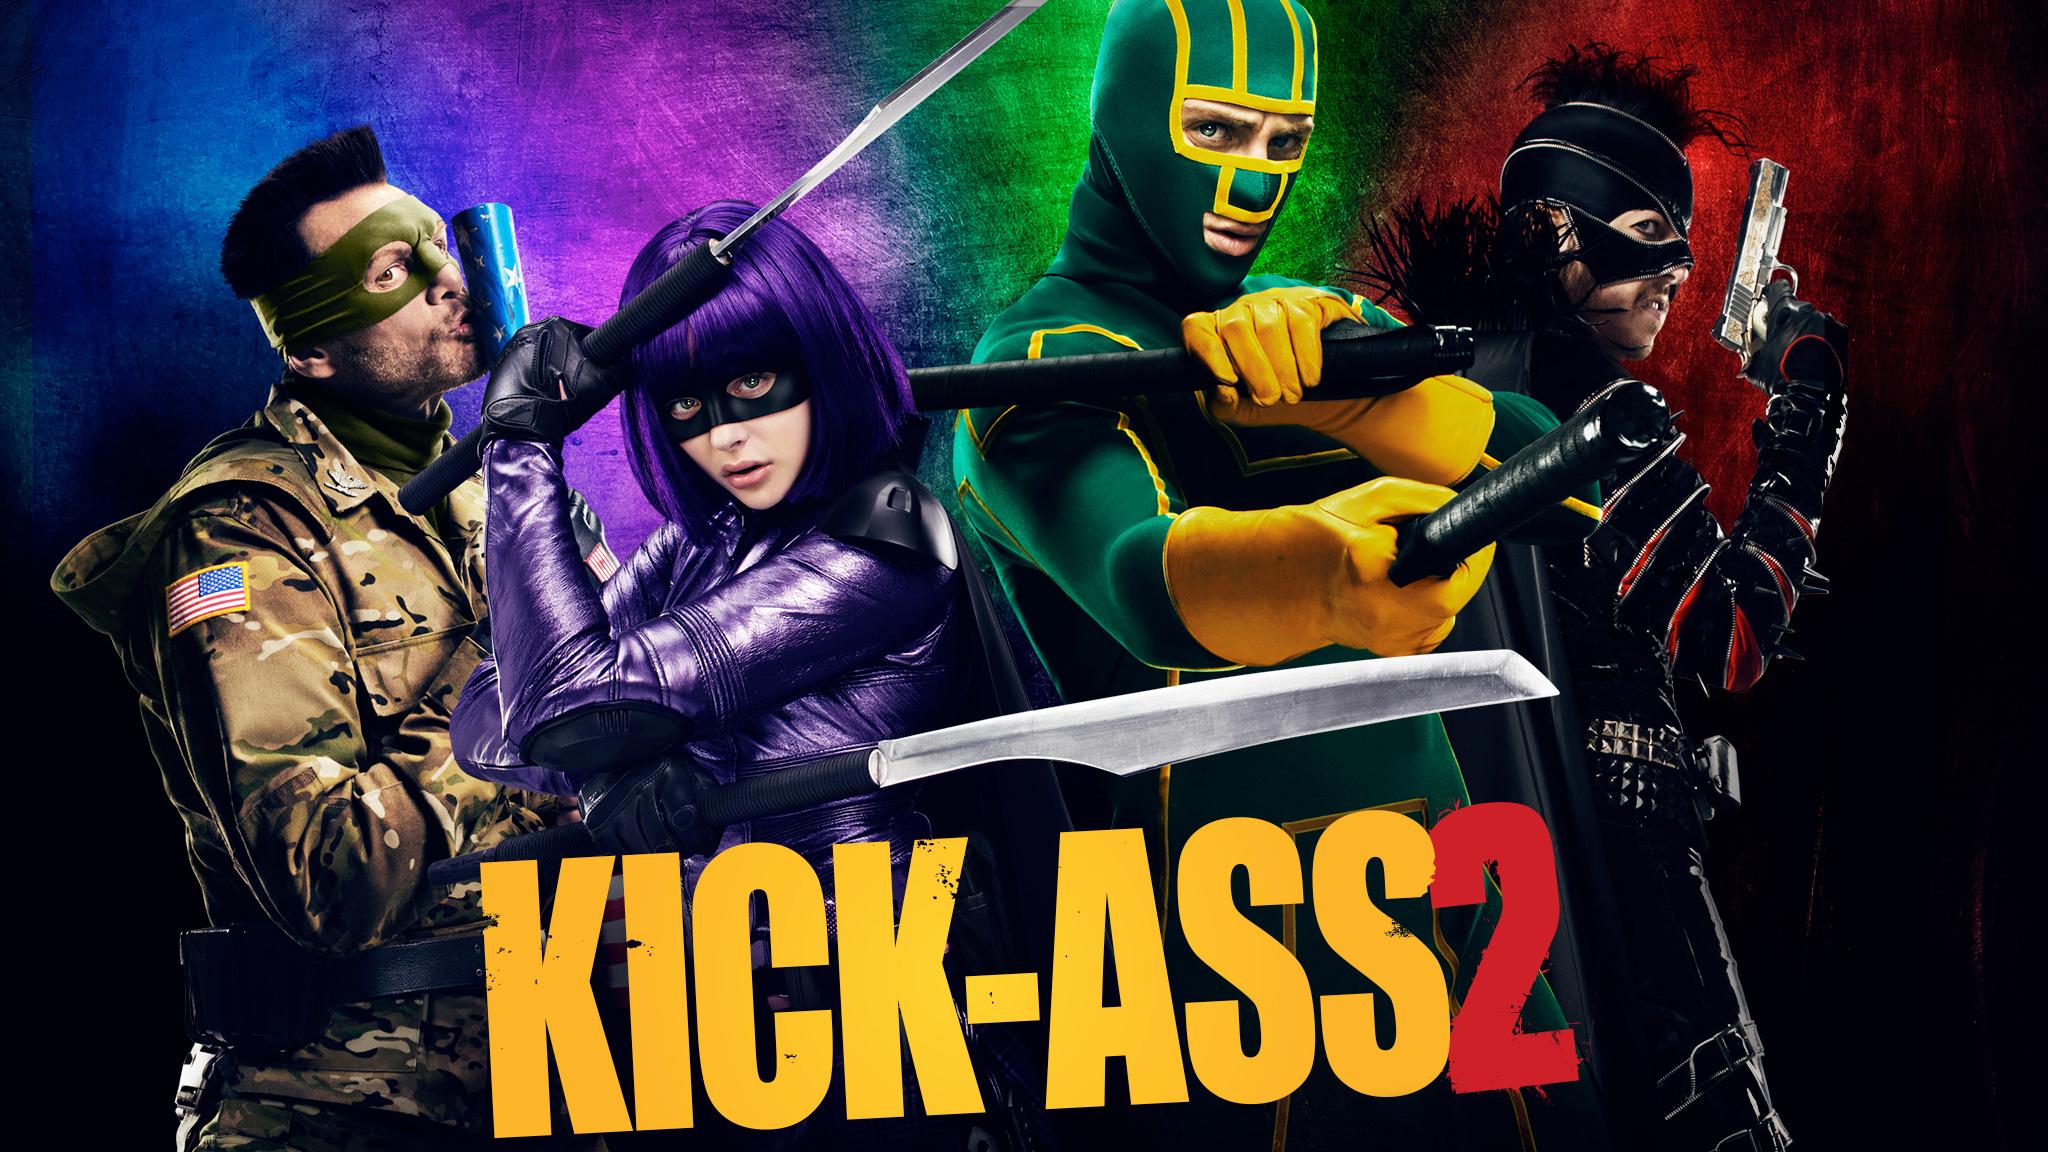 Kick Ass 2 wallpaper 2